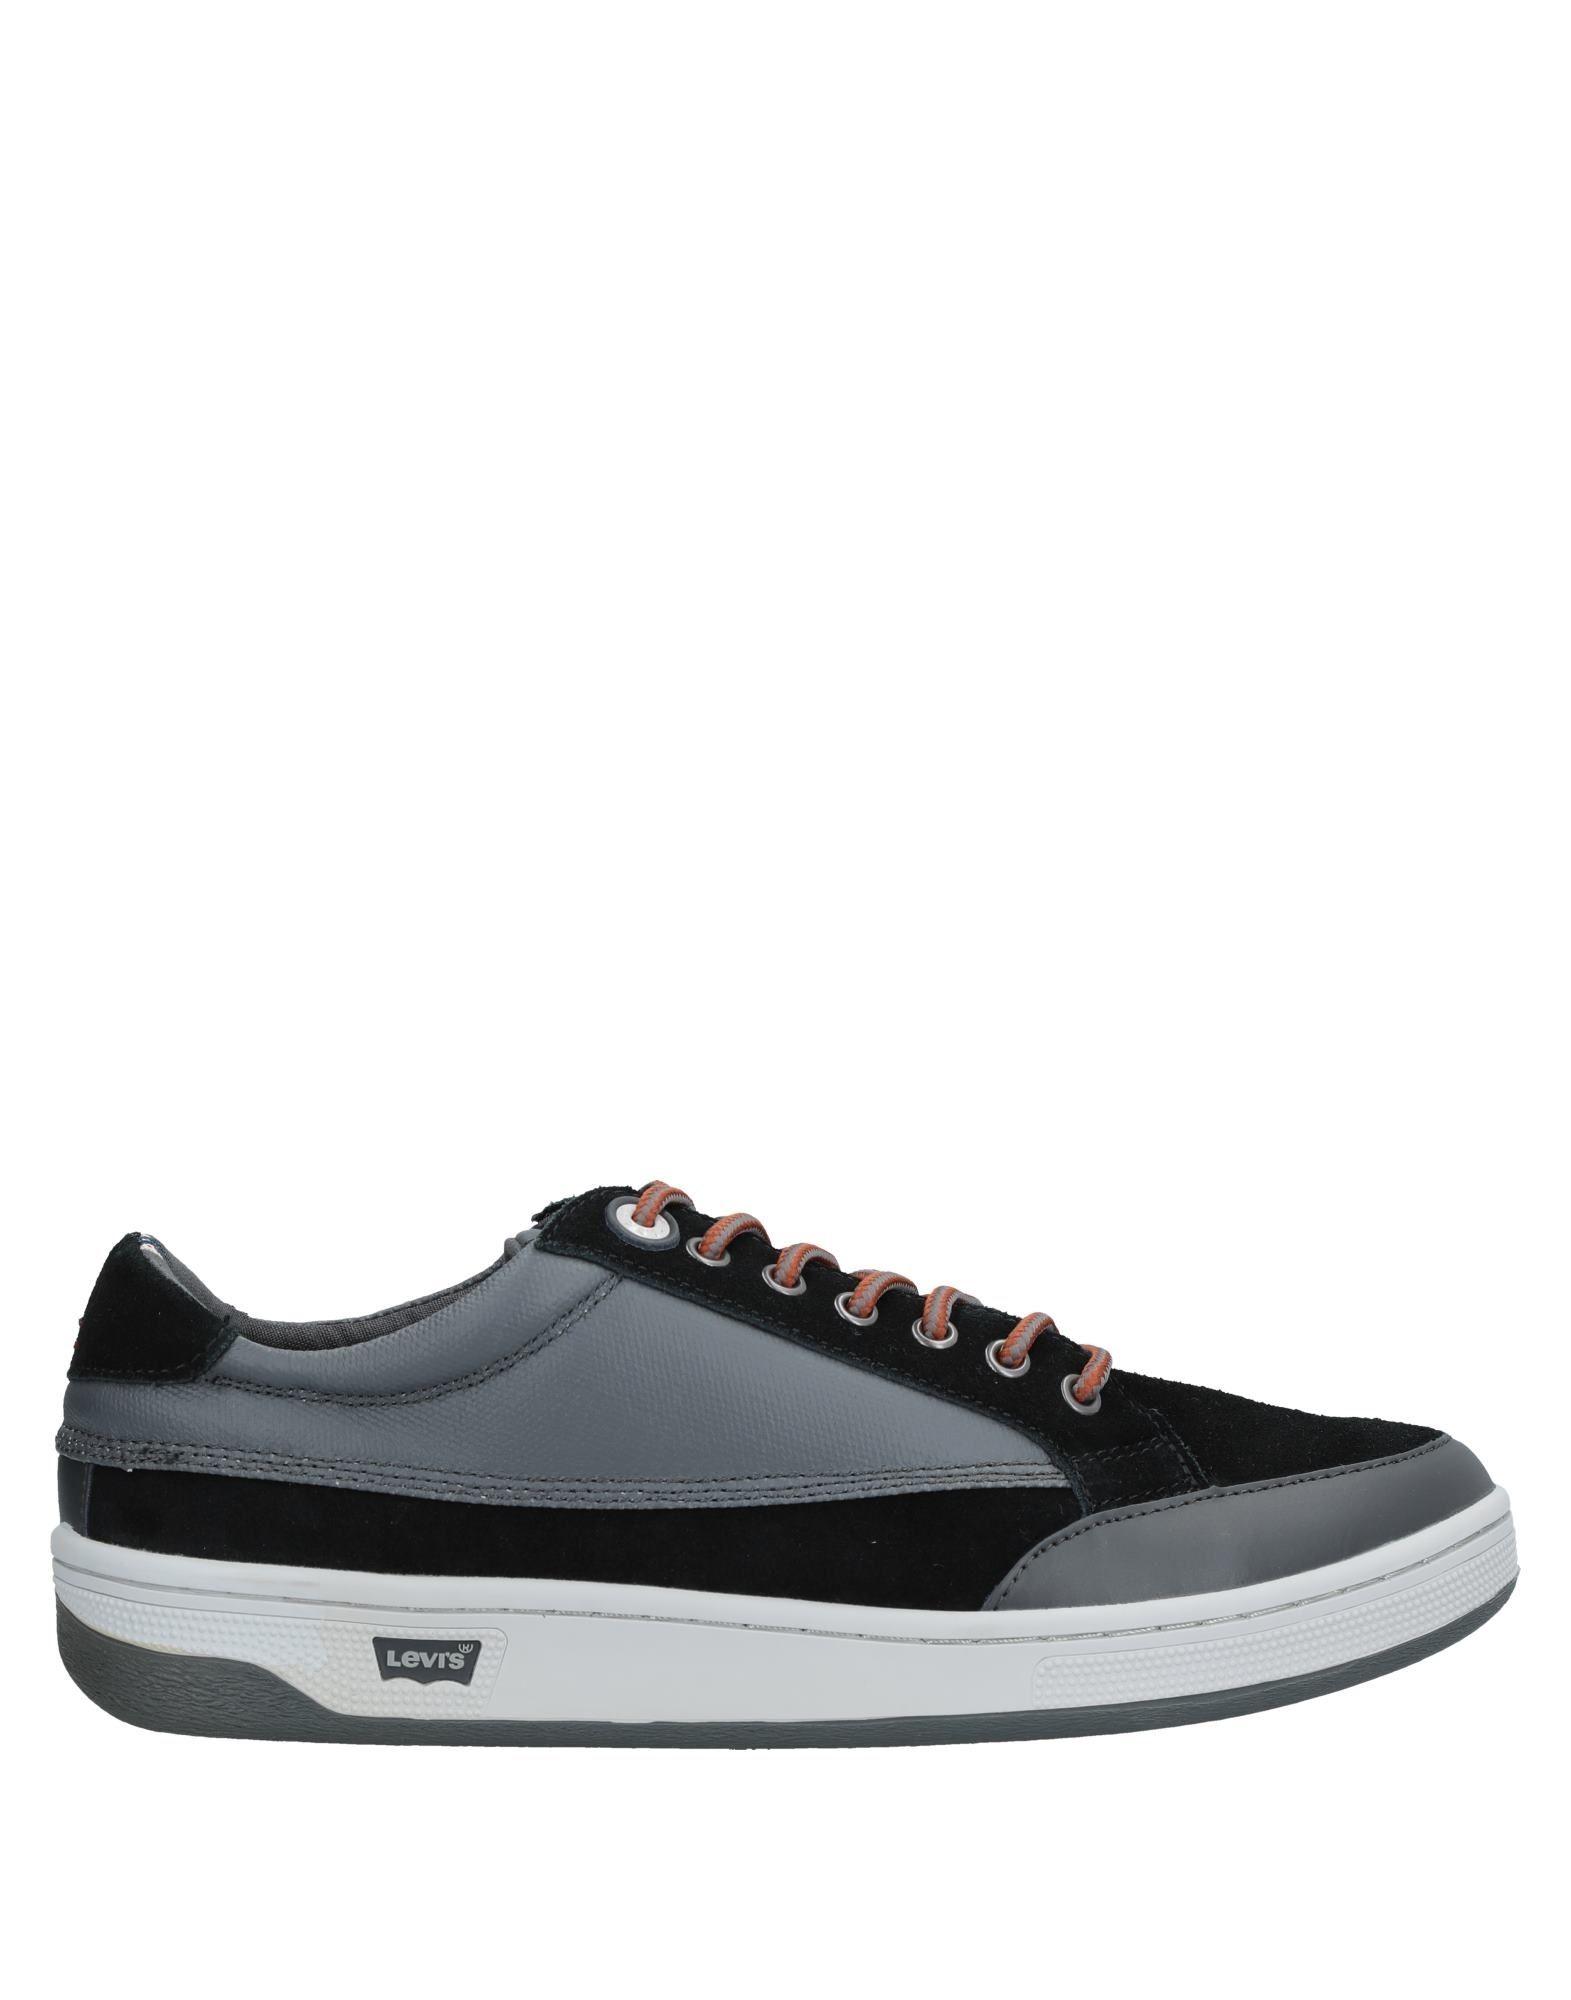 Rabatt echte Schuhe Levi's Red Tab Sneakers Herren  11535142NW